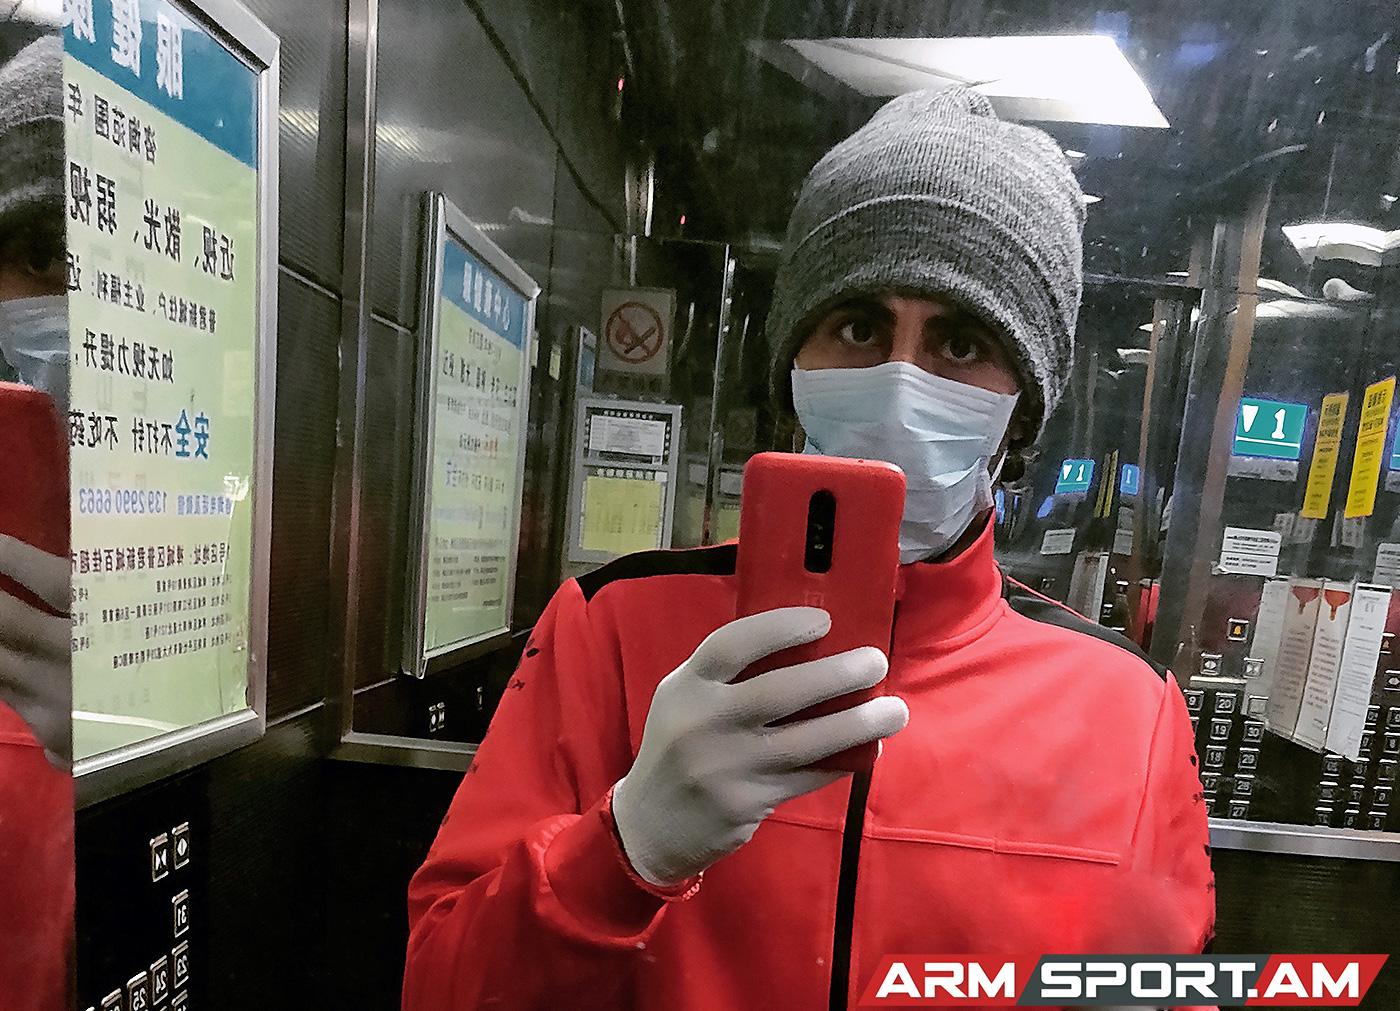 Մարզումներ` վիդեոդասերով. ինչպիսին է իրավիճակը Չինաստանում. պատմում է հայ մարզիչը